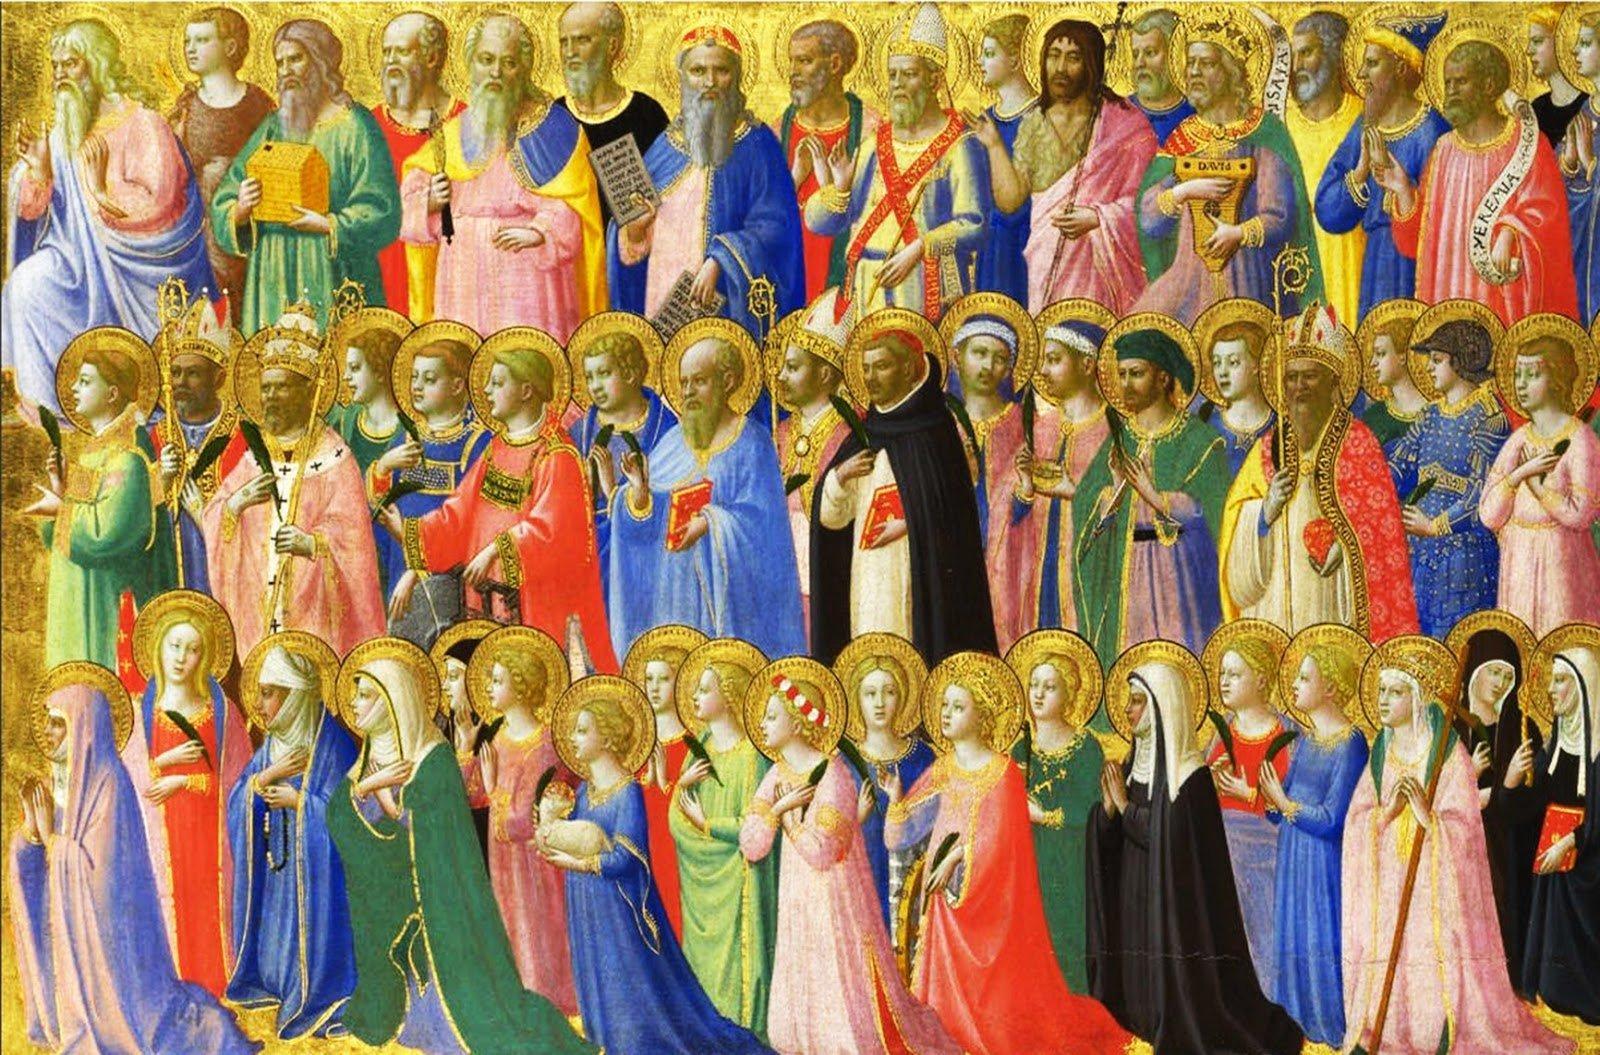 De laatste woorden van 10 heiligen voordat ze naar de hemel gingen